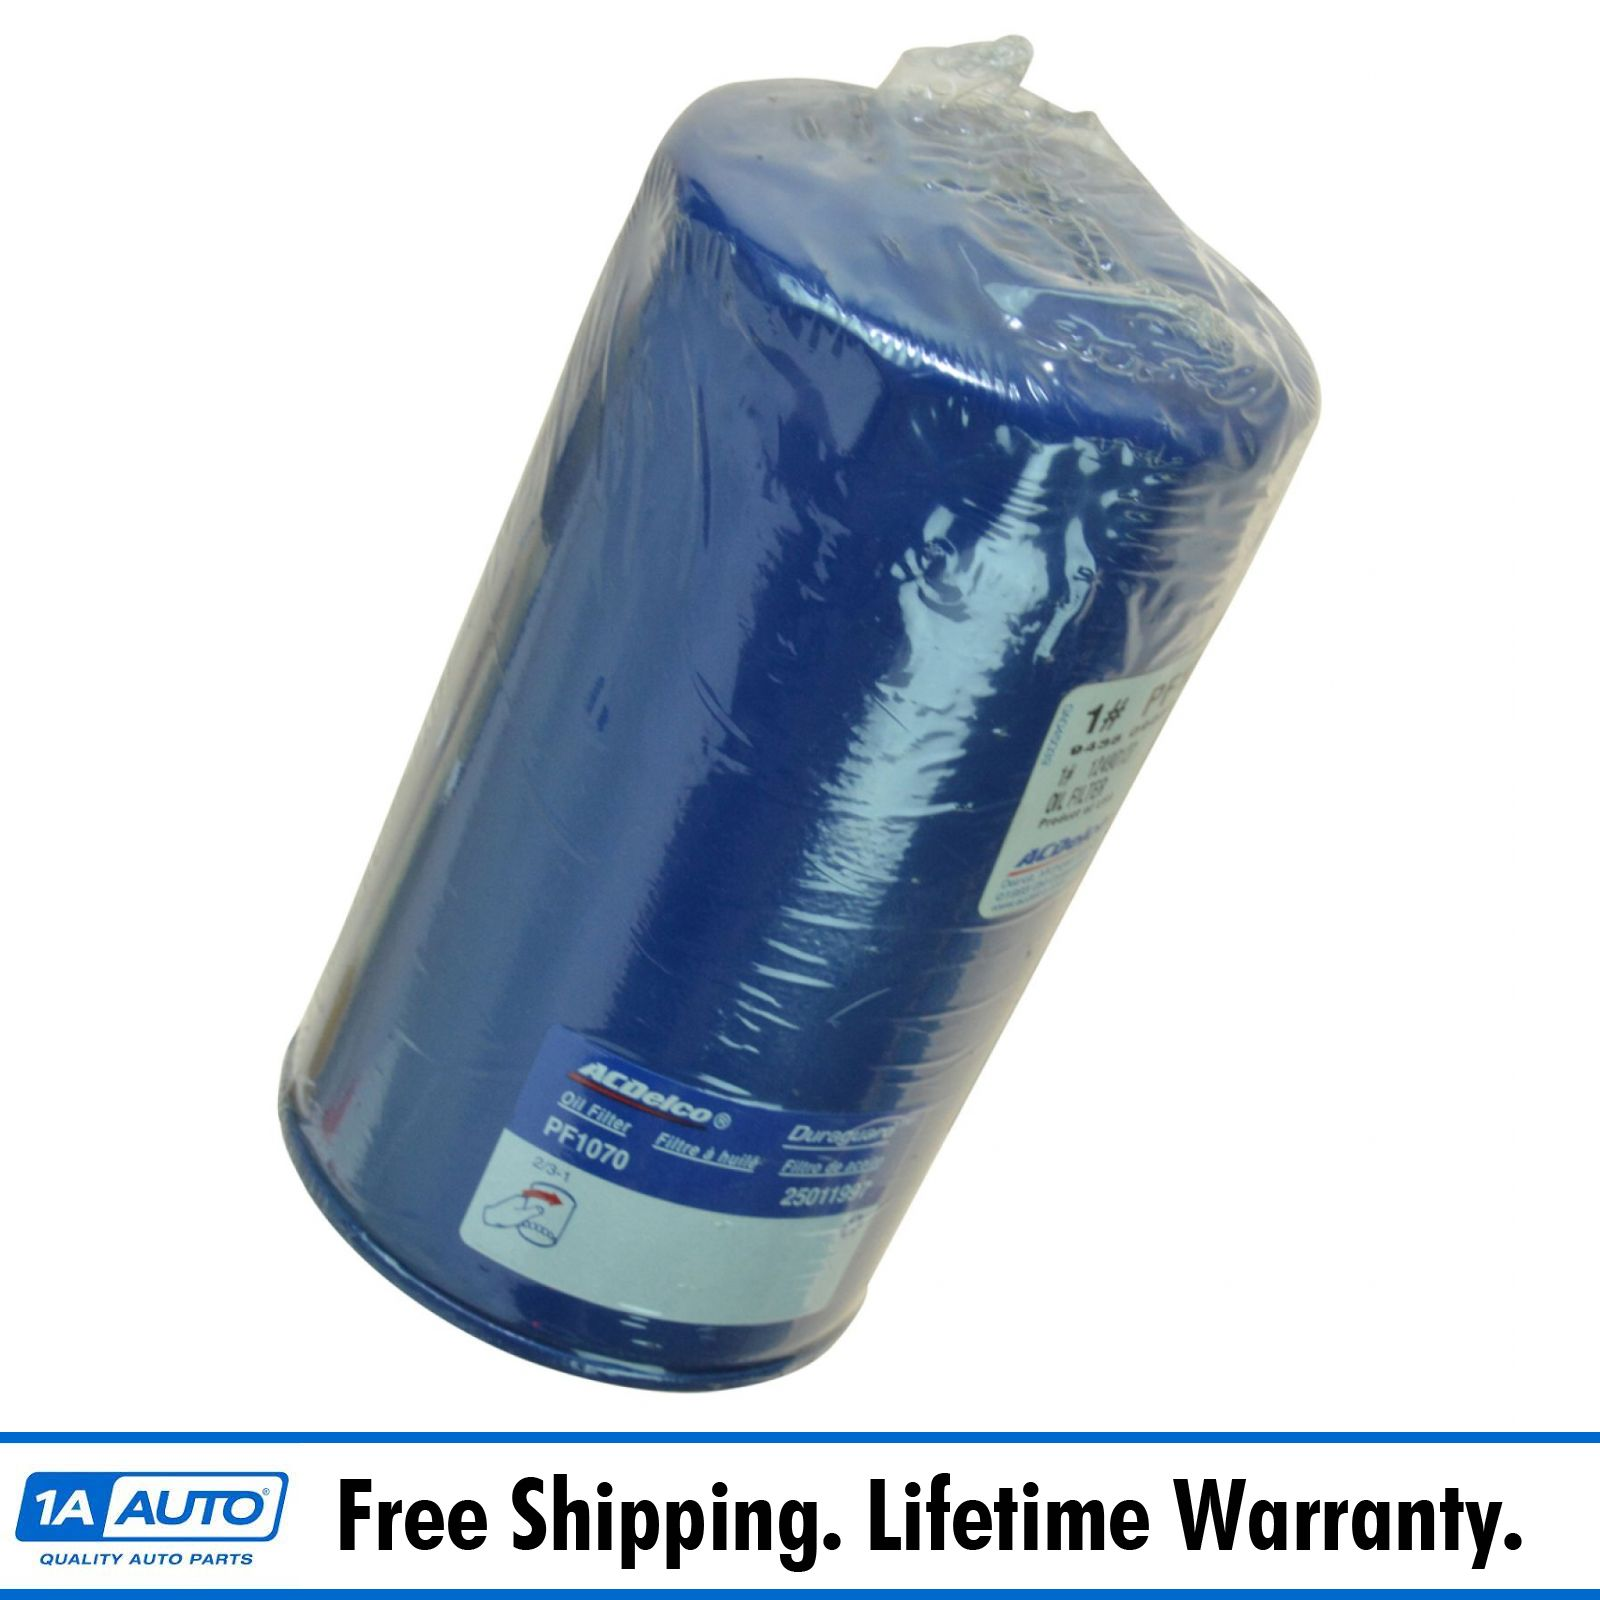 6 Dodge RAM  AC-Delco Oil Filters PF1070